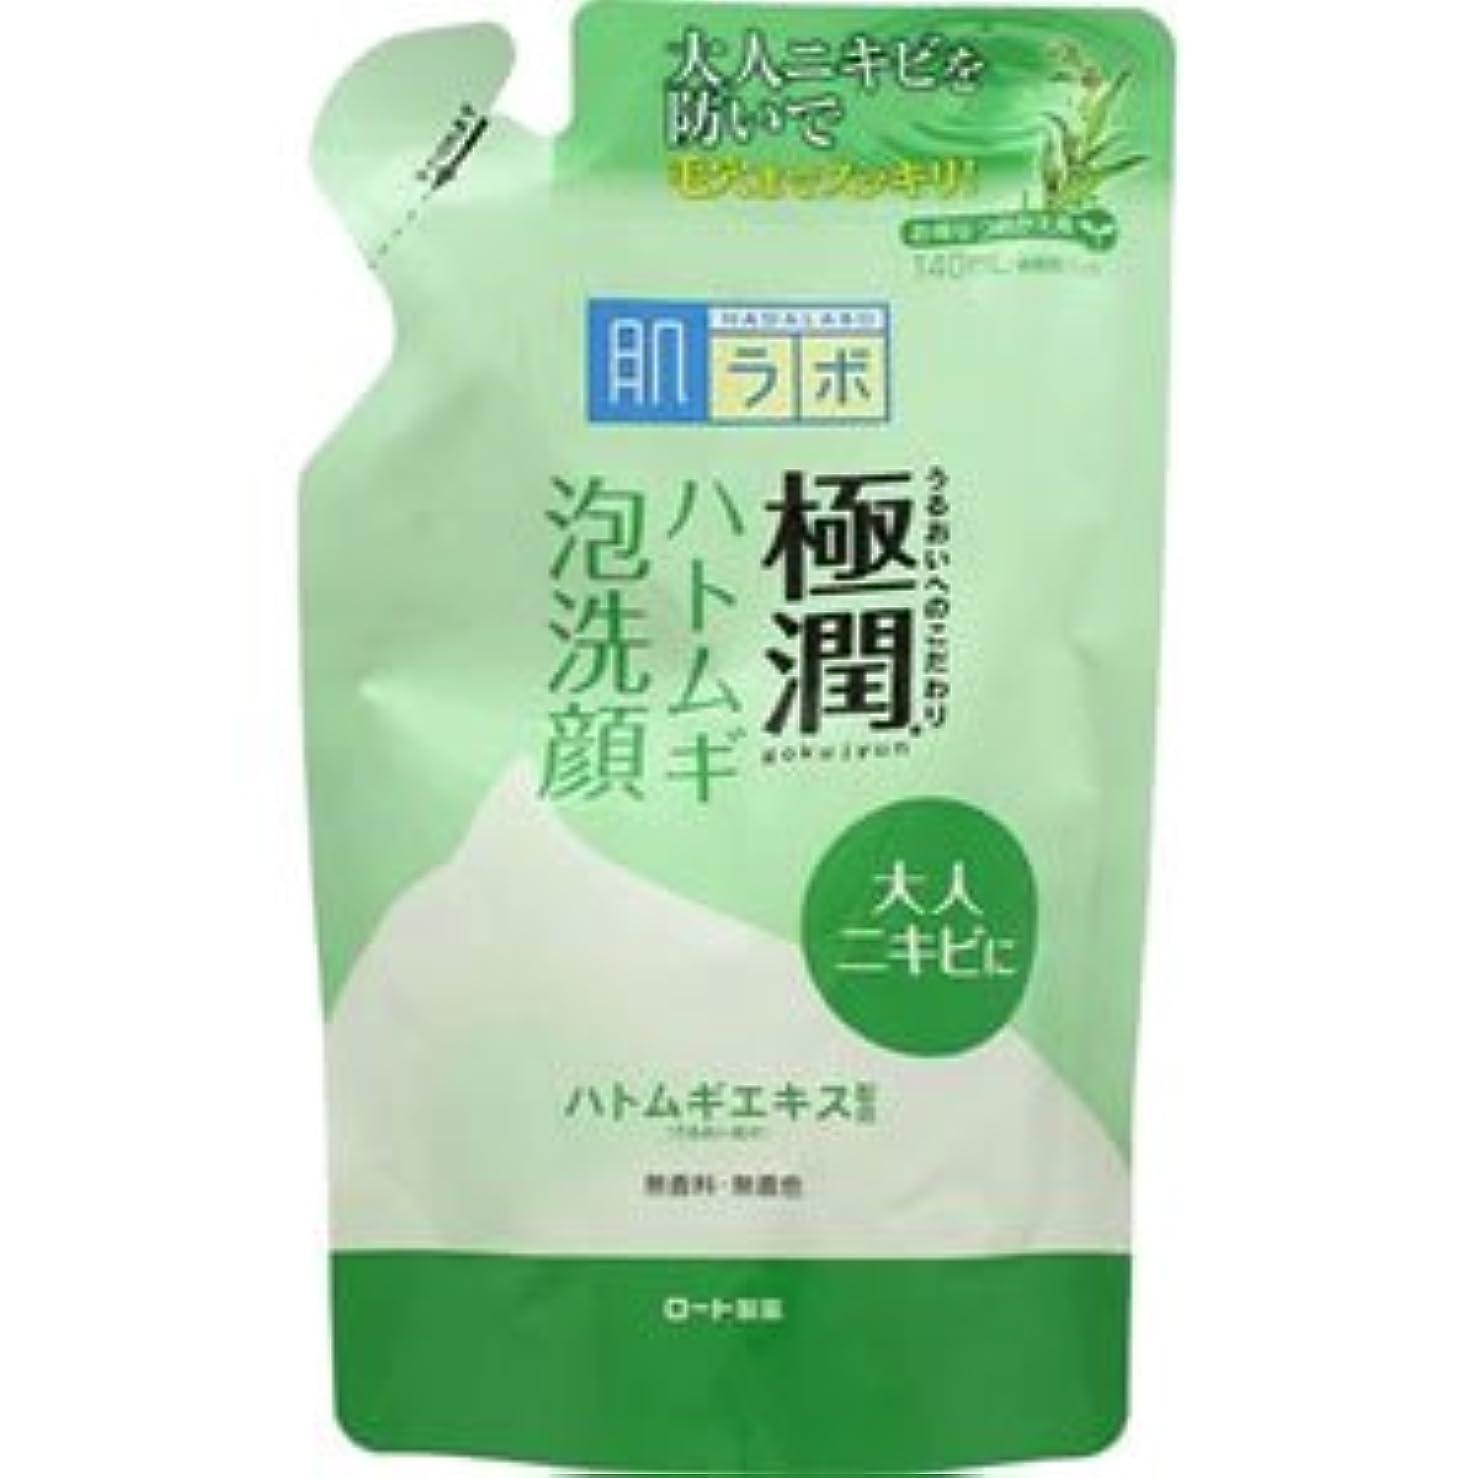 東ティモールスリチンモイリア王(ロート製薬)肌研 極潤ハトムギ泡洗顔 140ml(つめかえ用)(お買い得3個セット)